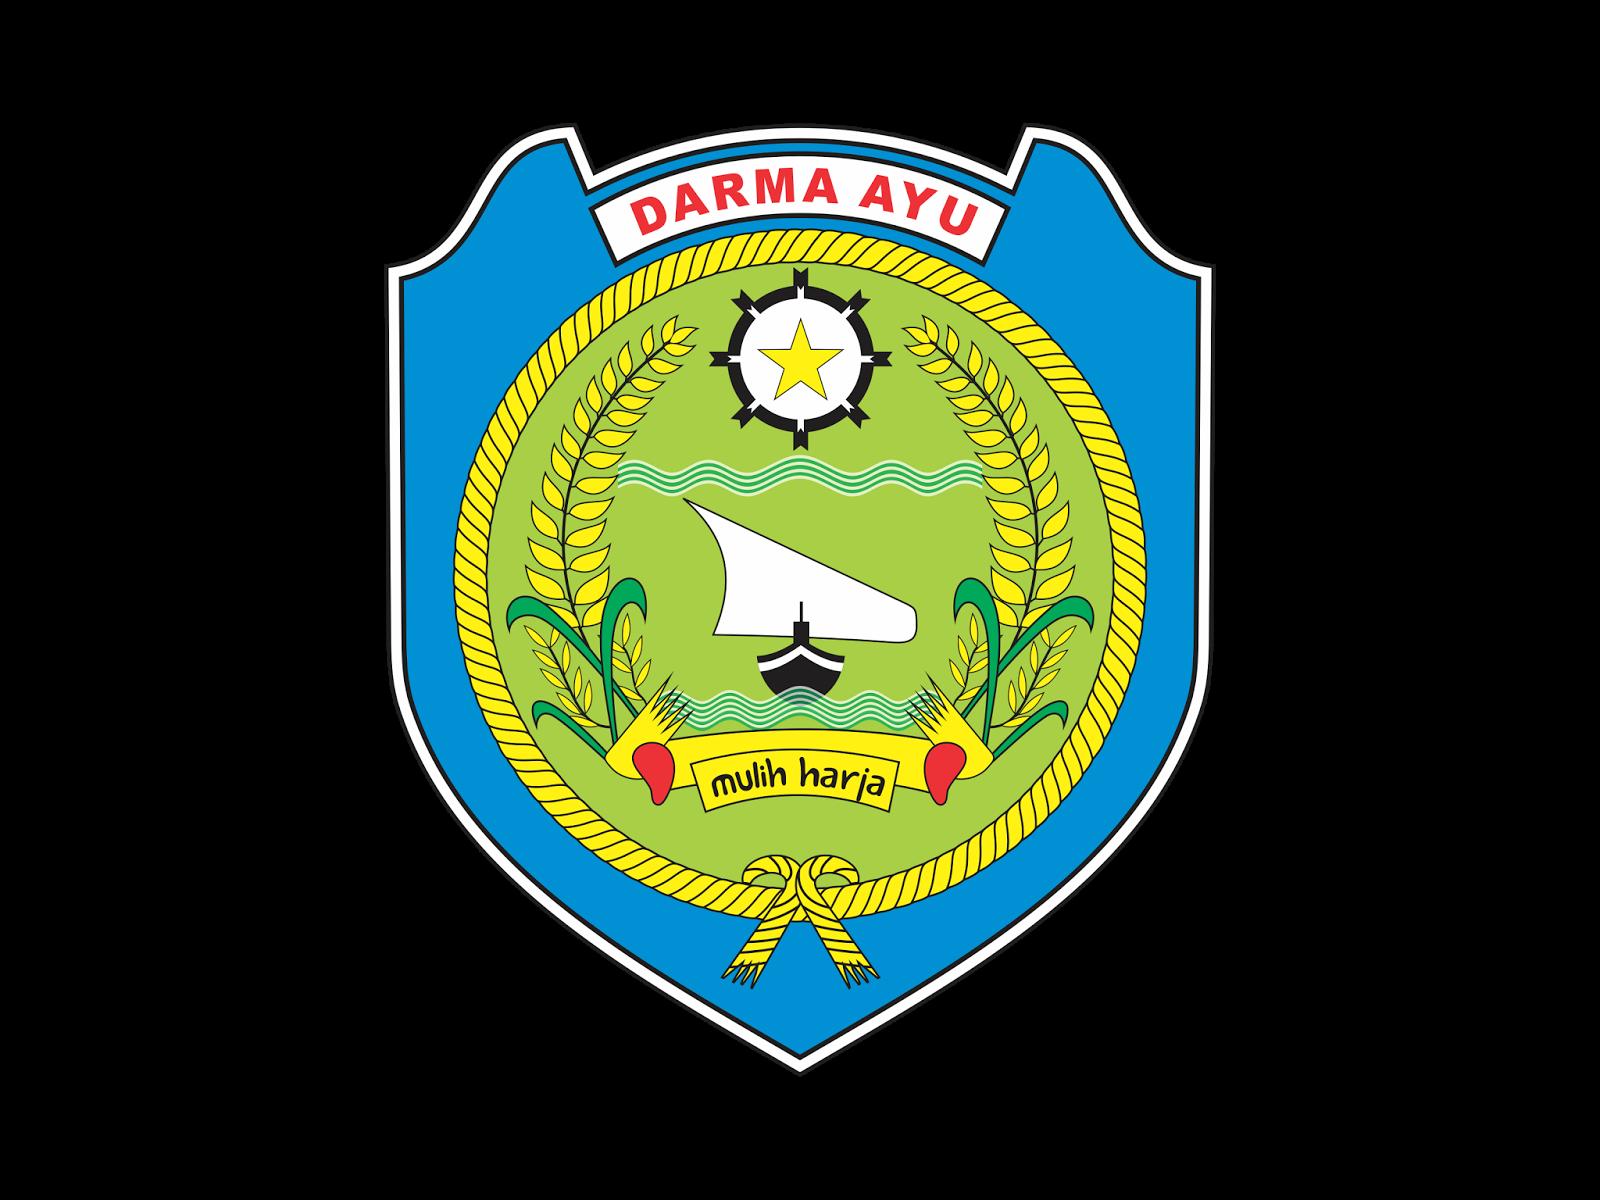 Logo Kabupaten Indramayu Format Cdr & Png | GUDRIL LOGO ...